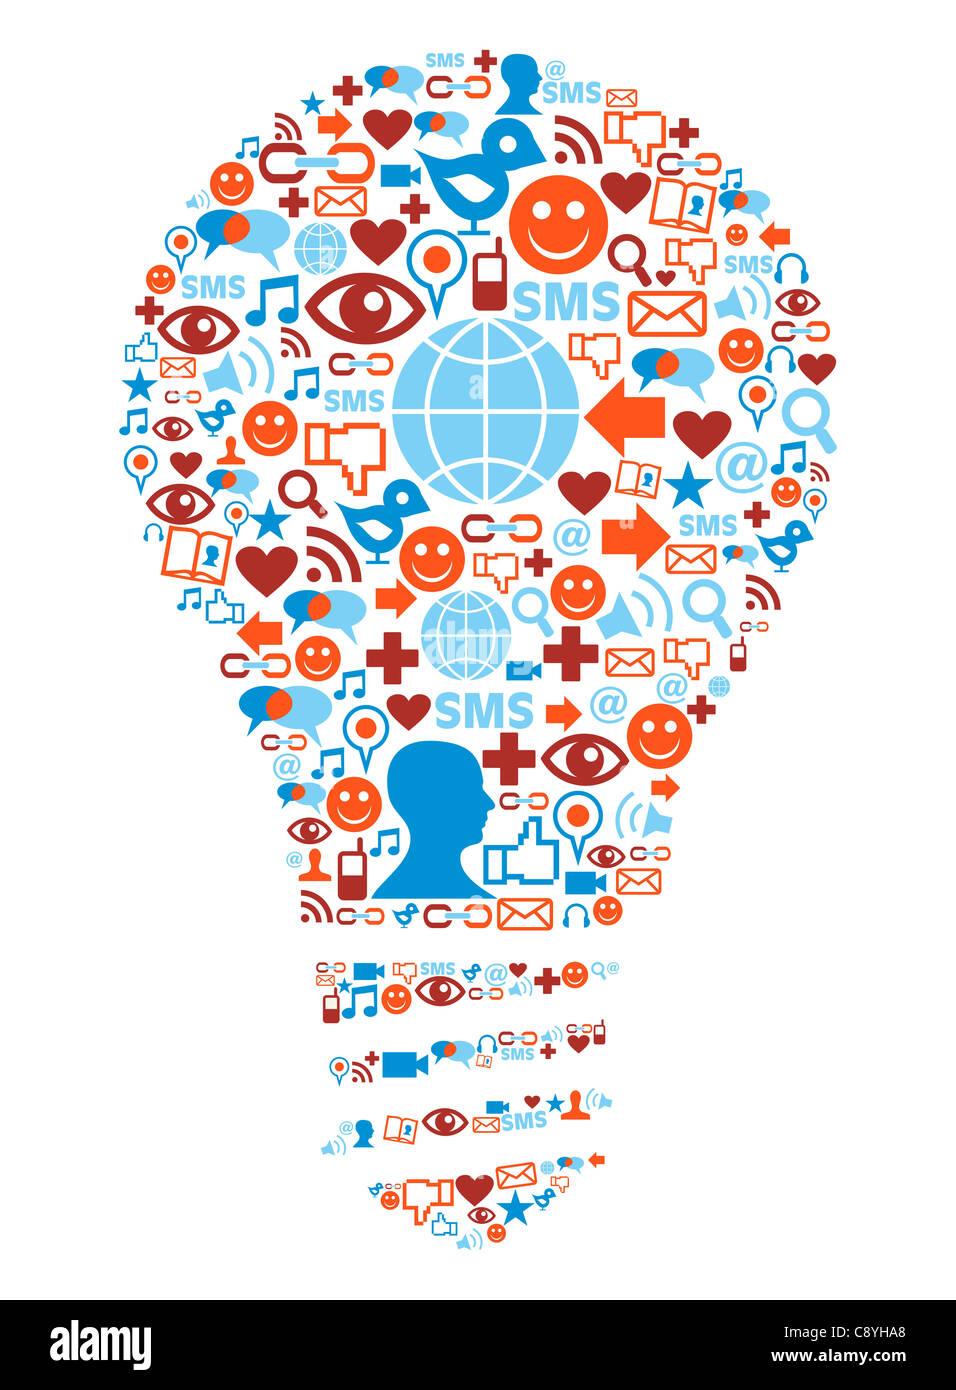 Social media icons set dans l'illustration de la forme de la lampe Banque D'Images